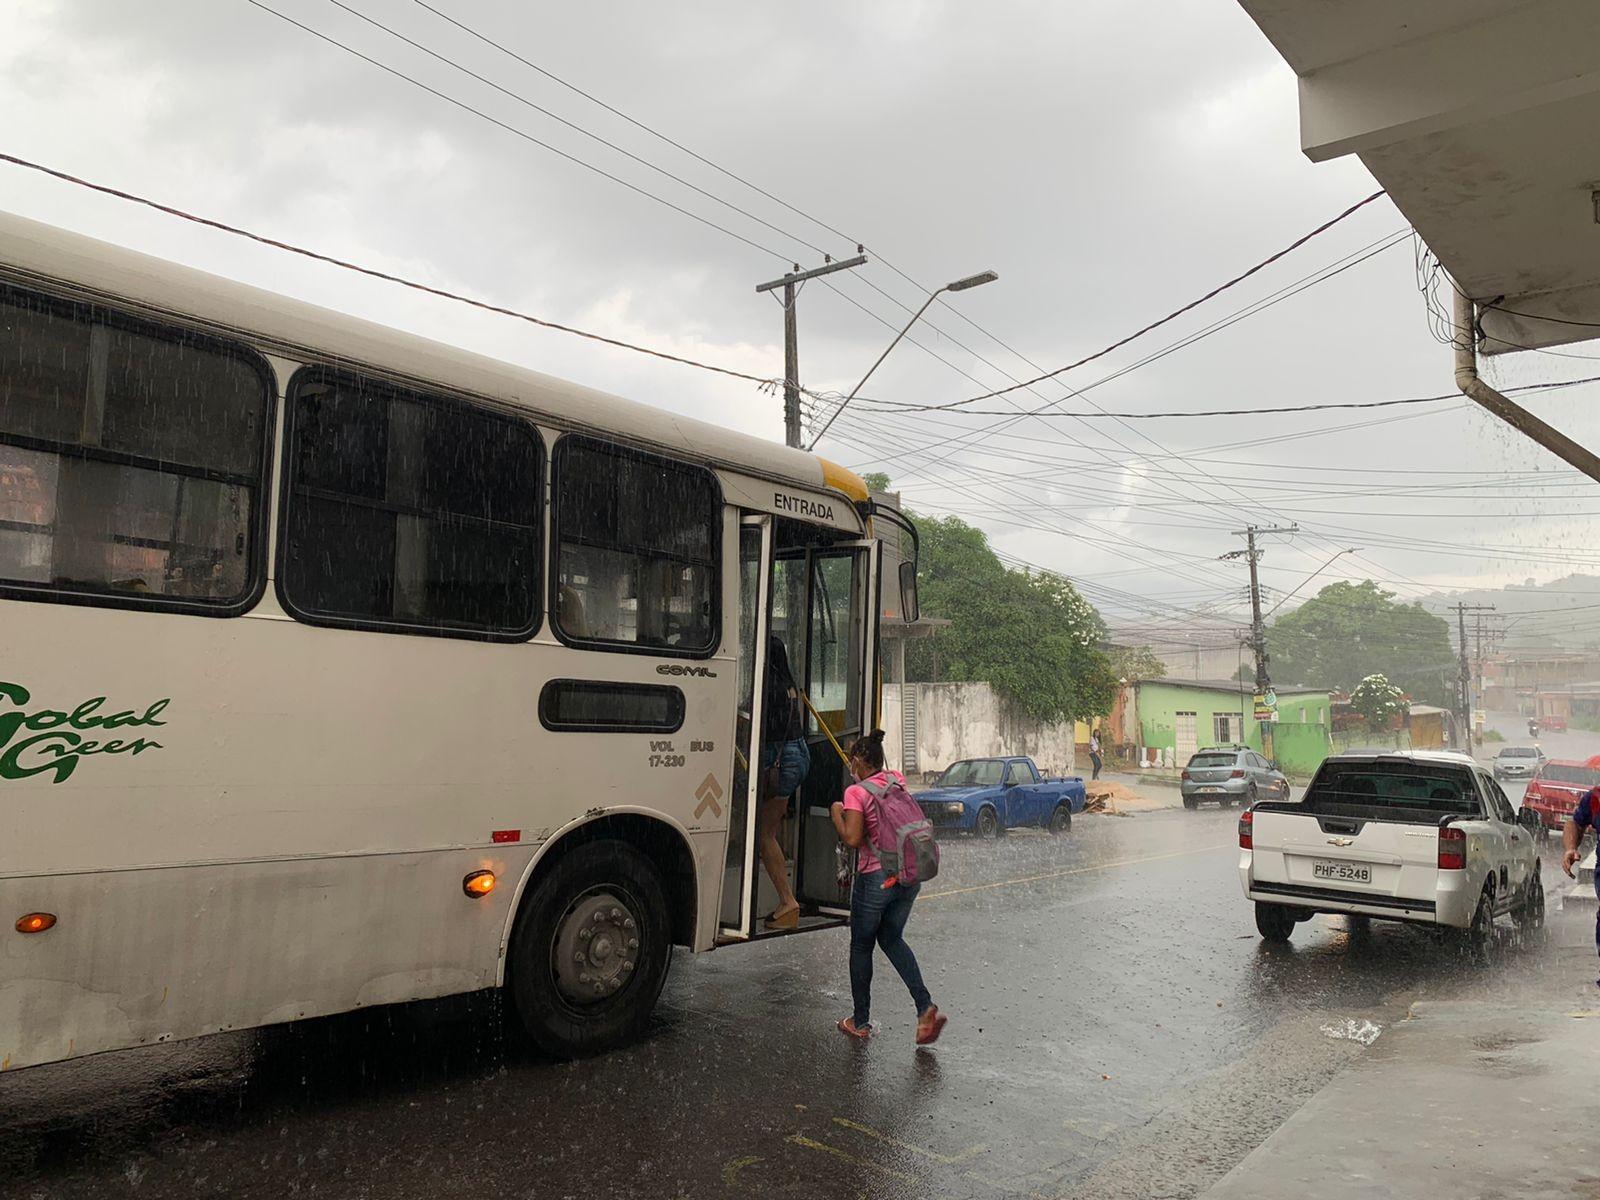 Homem é morto a tiros após ter celular roubado em parada de ônibus, em Manaus